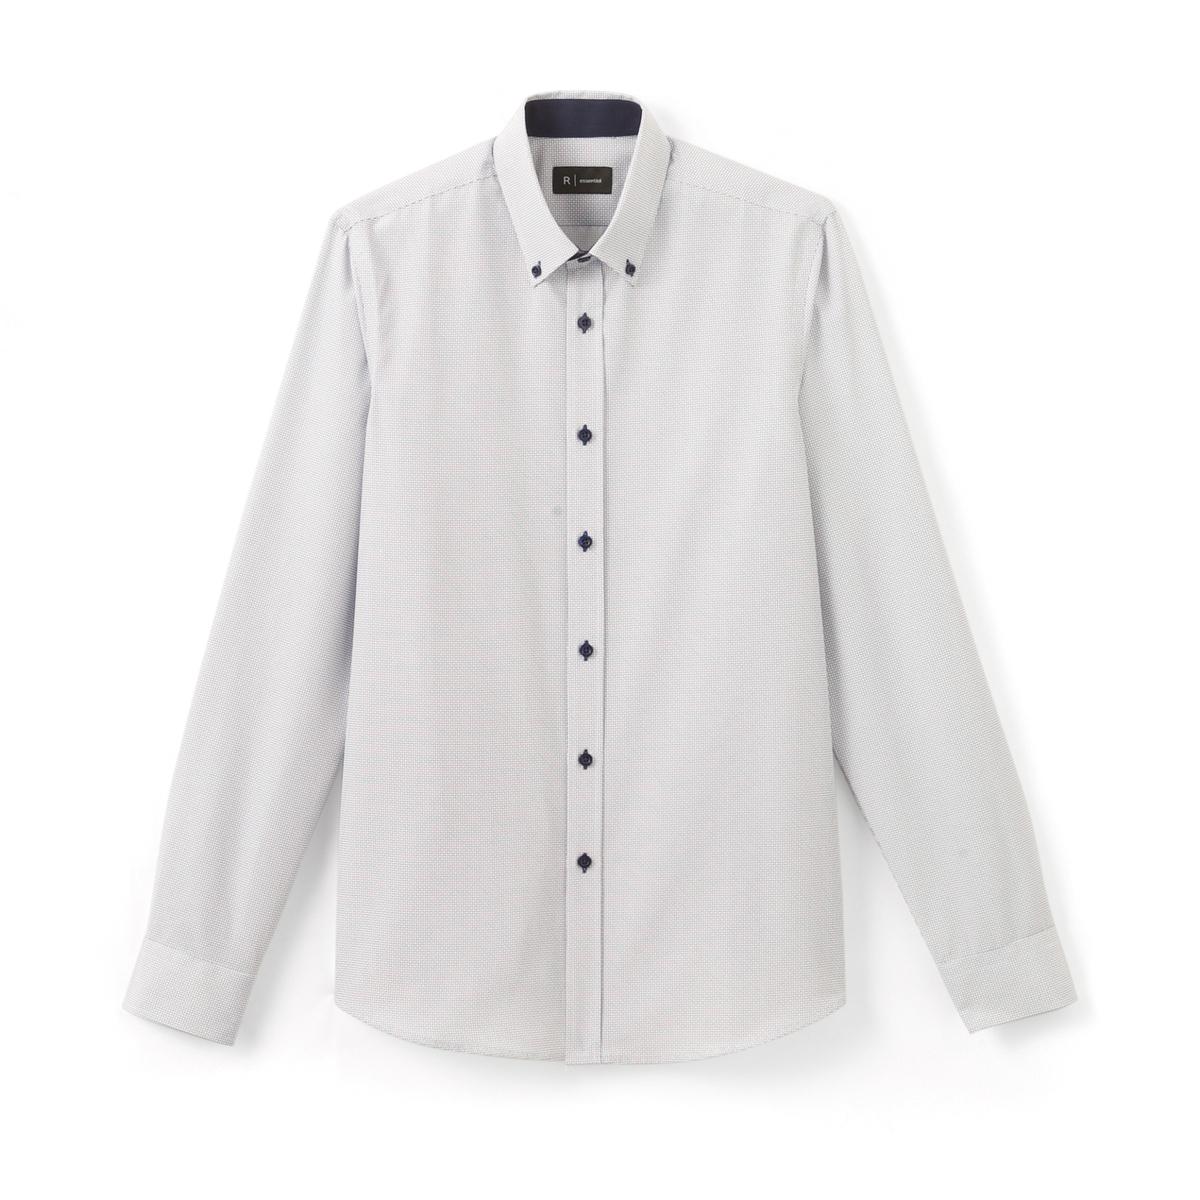 Рубашка узкая с принтом, из хлопкаРубашка с длинными рукавами и рисунком. Узкий покрой и классический воротник со свободными кончиками . Низ рукавов с застежкой на пуговицы.Состав и описание :Материал  55% хлопка, 45% полиэстера  Марка  R ?ditionДлина 79 смУход:Машинная стирка при 40 °ССтирка с вещами схожих цветовОтбеливание запрещеноГладить при умеренной температуреСухая (химическая) чистка запрещенаМашинная сушка в умеренном режиме<br><br>Цвет: рисунок/белый<br>Размер: 47/48